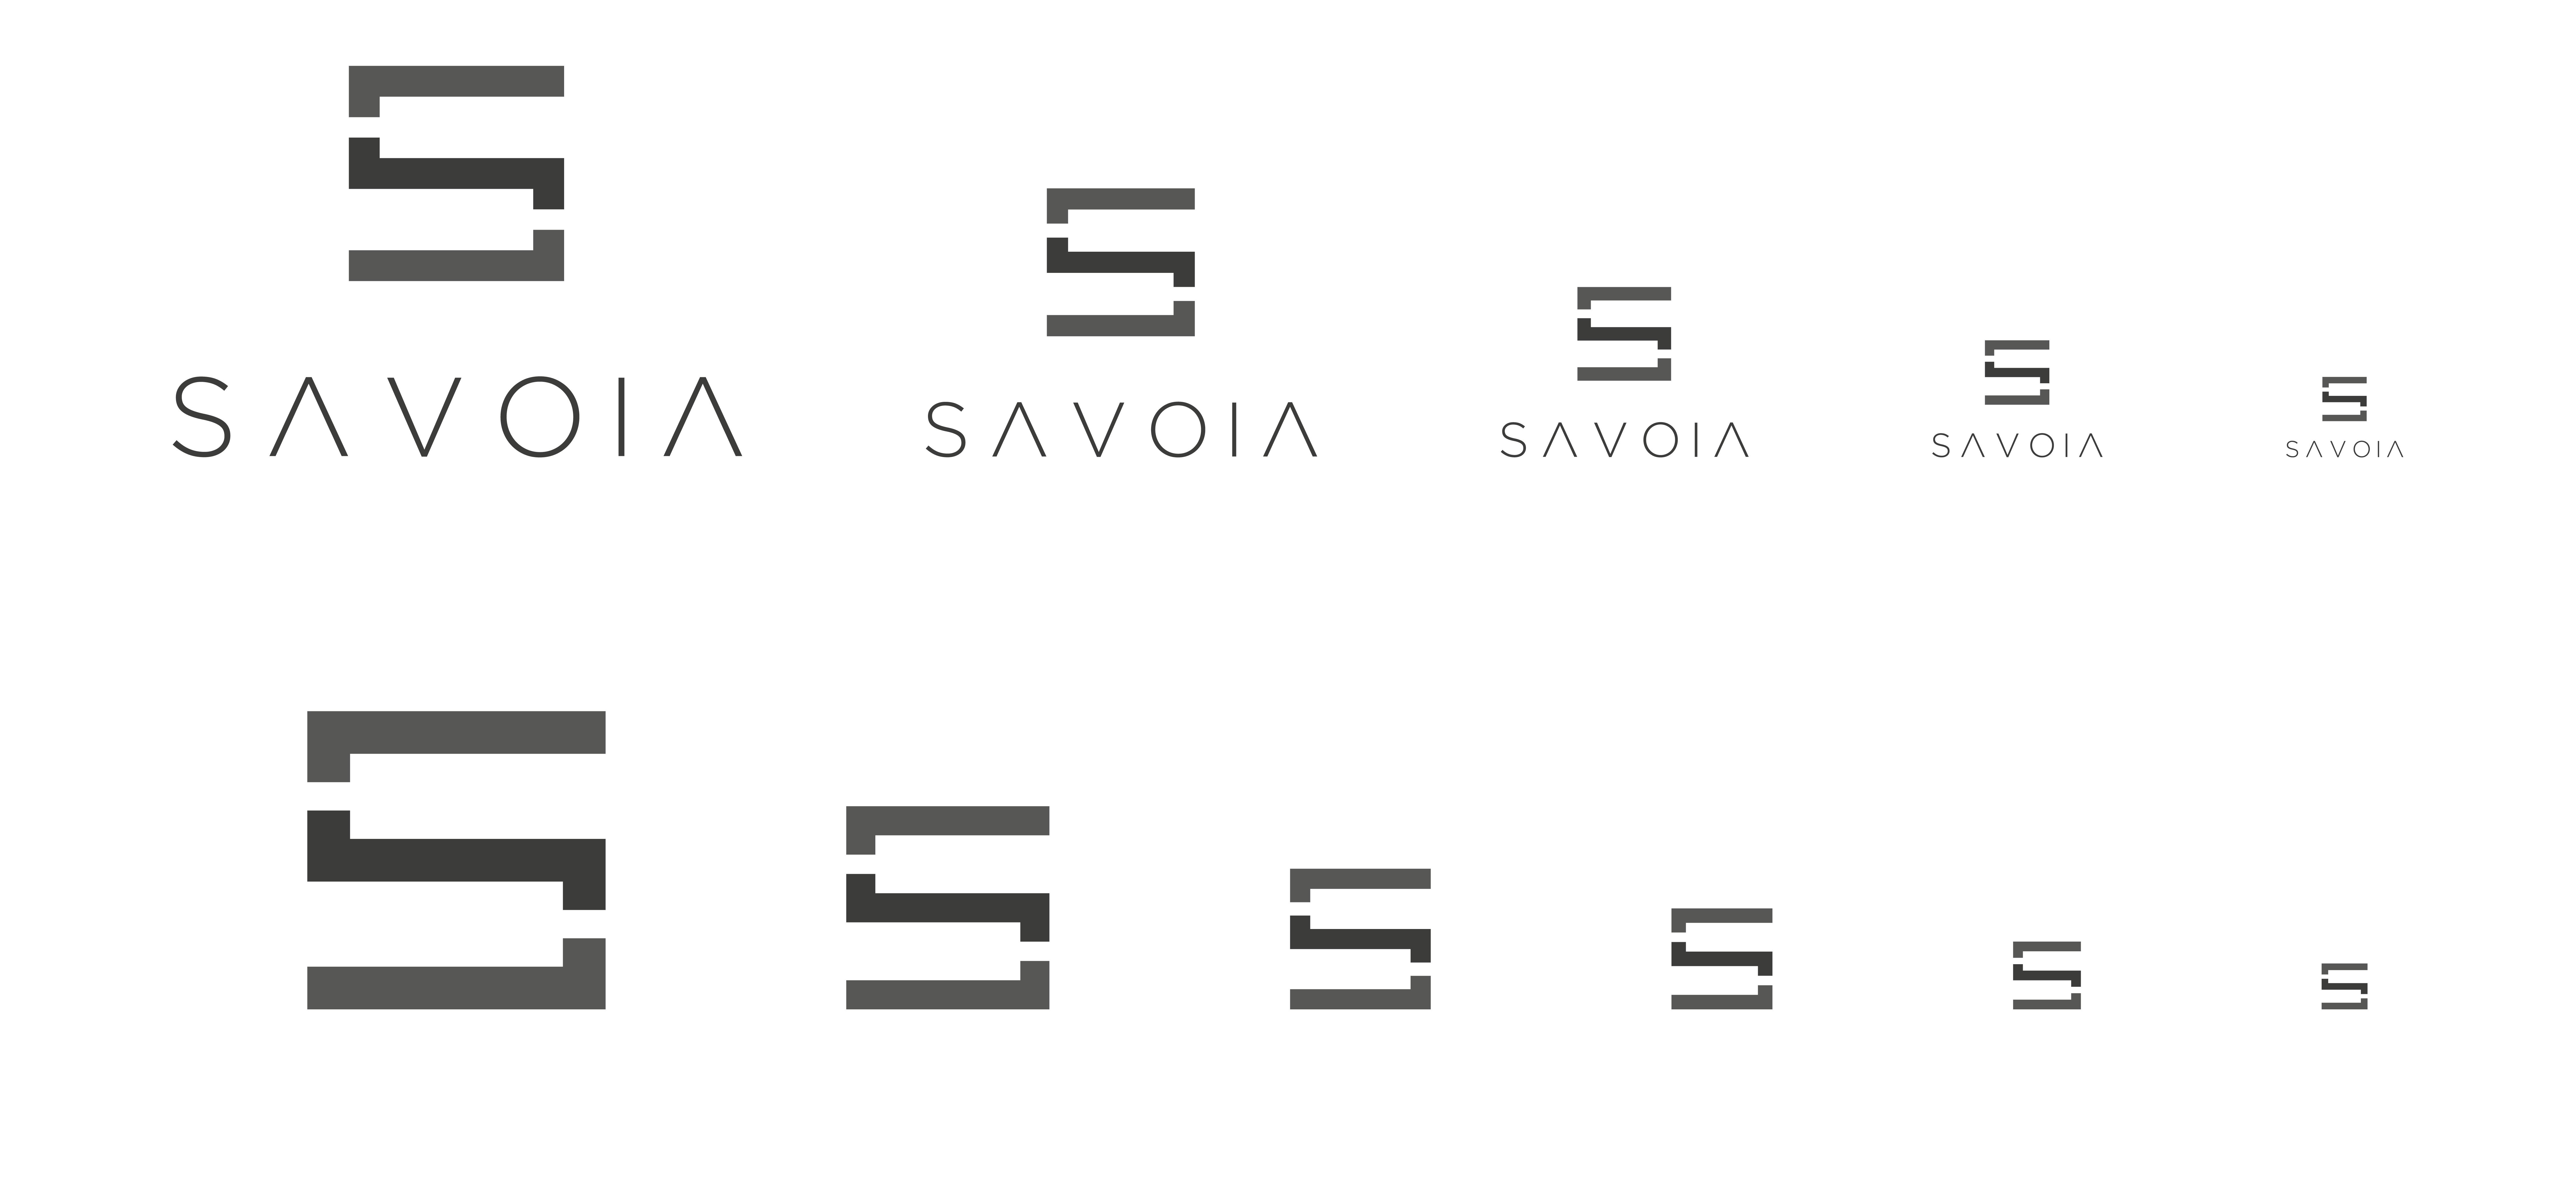 proporzioni del logo savoia dal più grande al più piccolo posti su due righe. i loghi sono di colore grigio su sfondo bianco